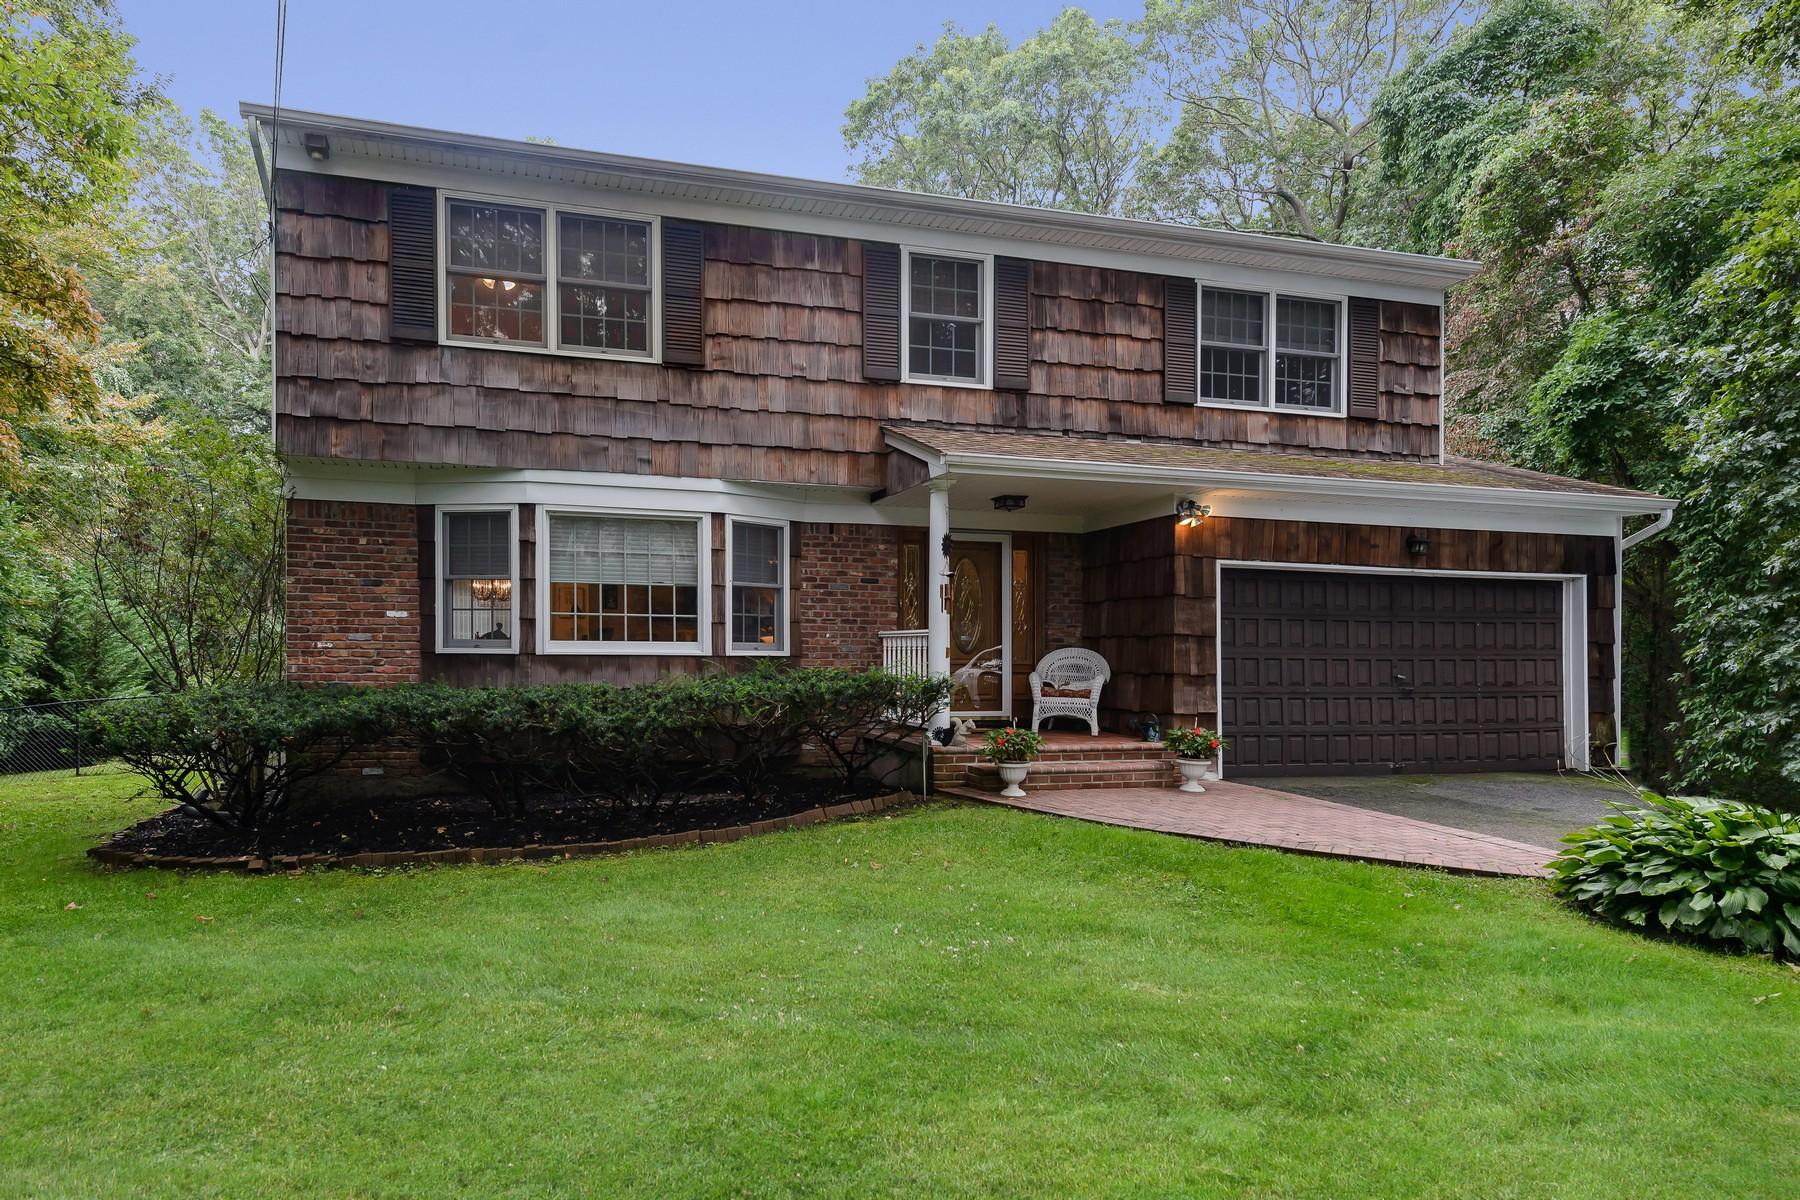 Частный односемейный дом для того Продажа на 54 Warner Rd , Huntington, NY 11743 54 Warner Rd, Huntington, Нью-Йорк, 11743 Соединенные Штаты